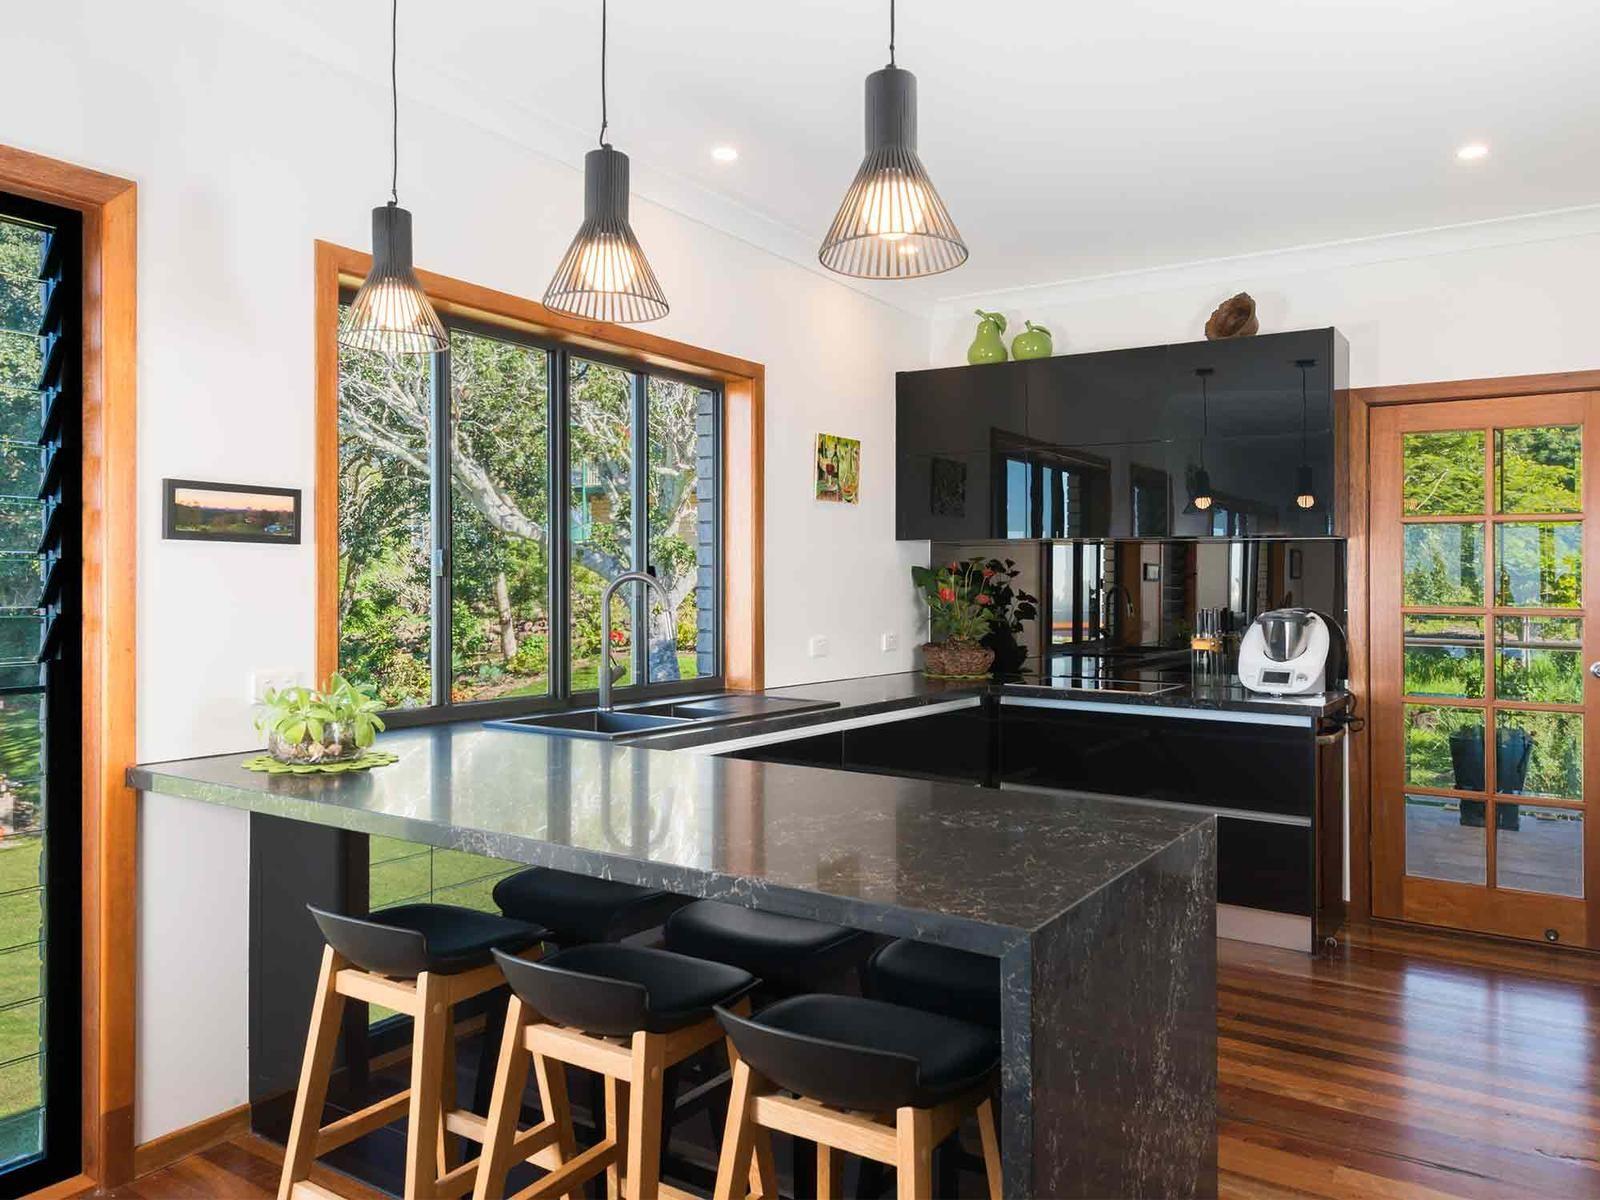 u shaped kitchen designs kitchen ideas 2018 luxury kitchen design condo kitchen remodel on kitchen ideas u shaped layout id=75736